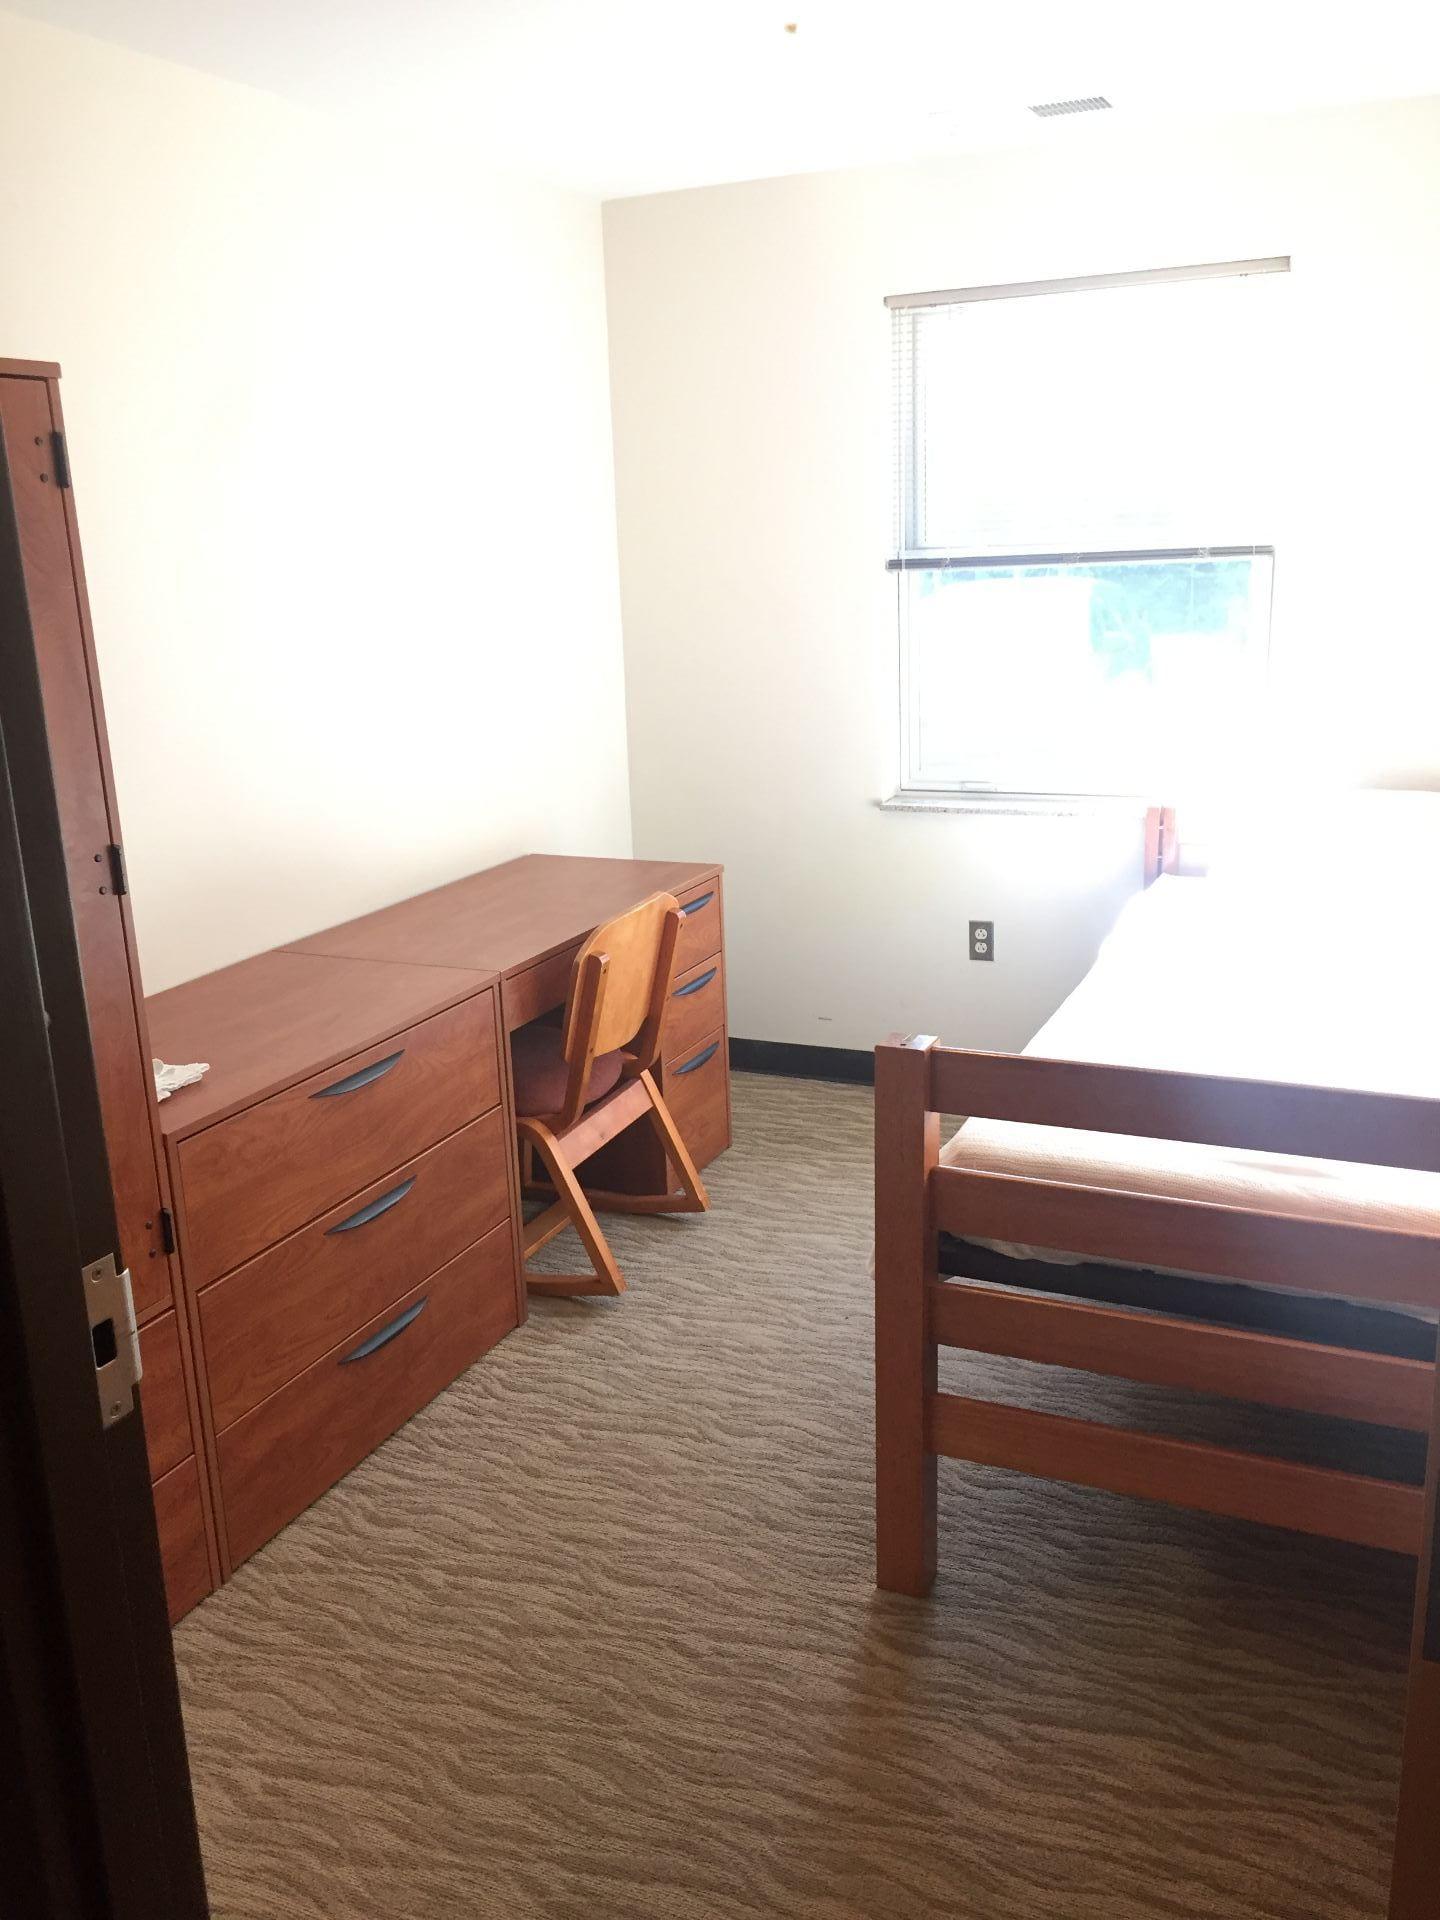 Overlook Bedroom